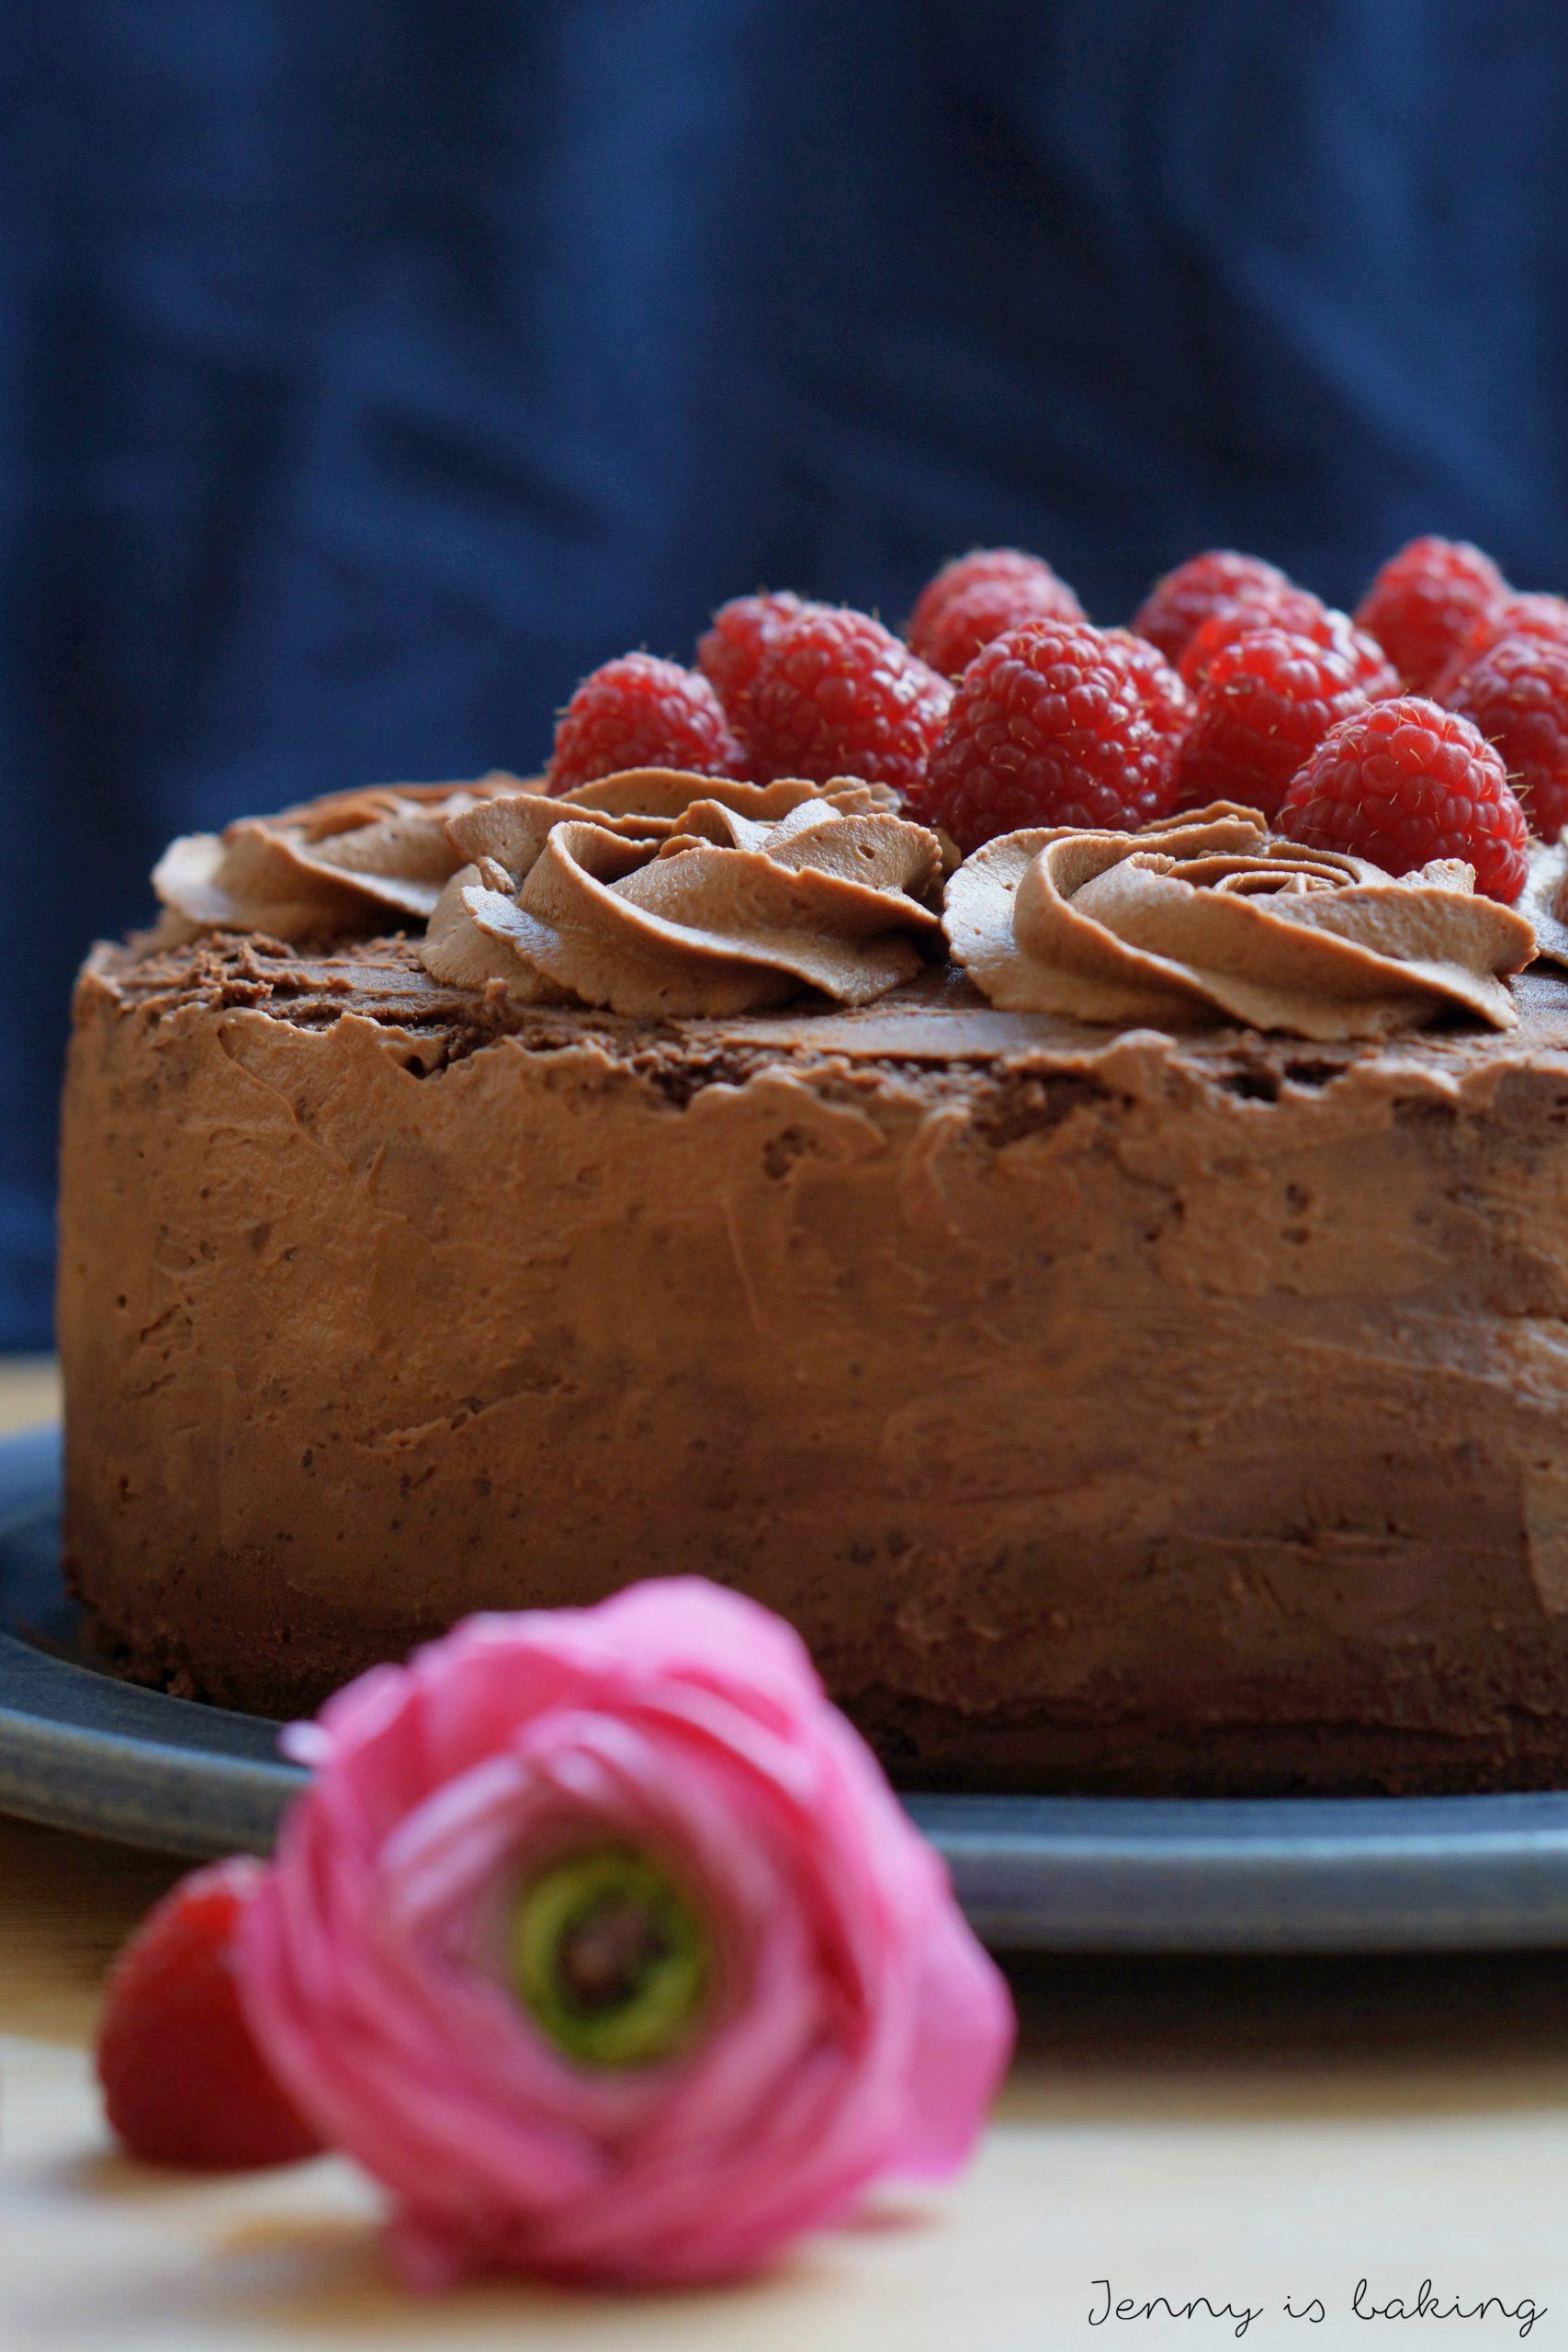 Rezept für Schoko Torte mit Himbeeren von Jenny